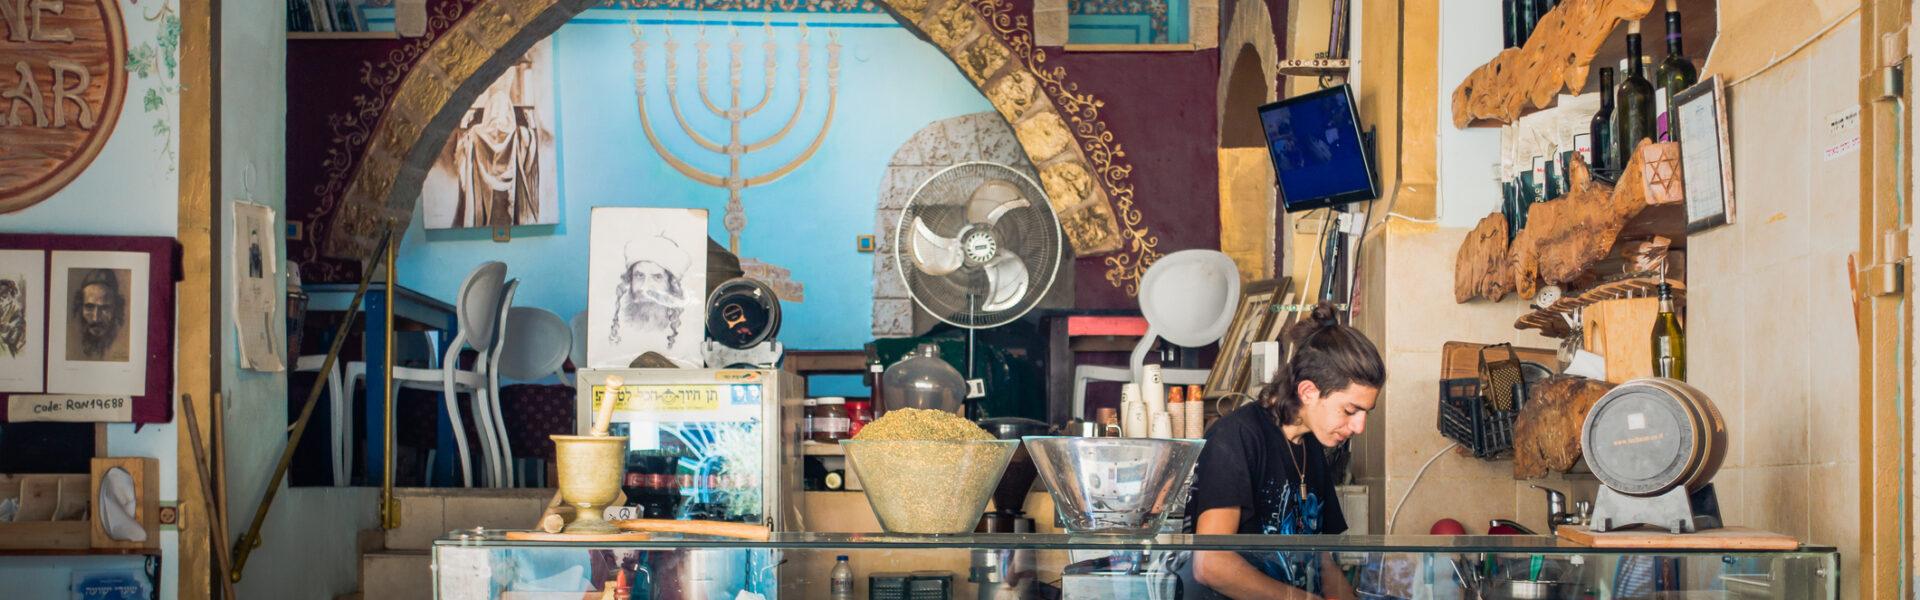 Kako spojiti profit i društvenu misiju – iskustva izraelskih preduzetnika